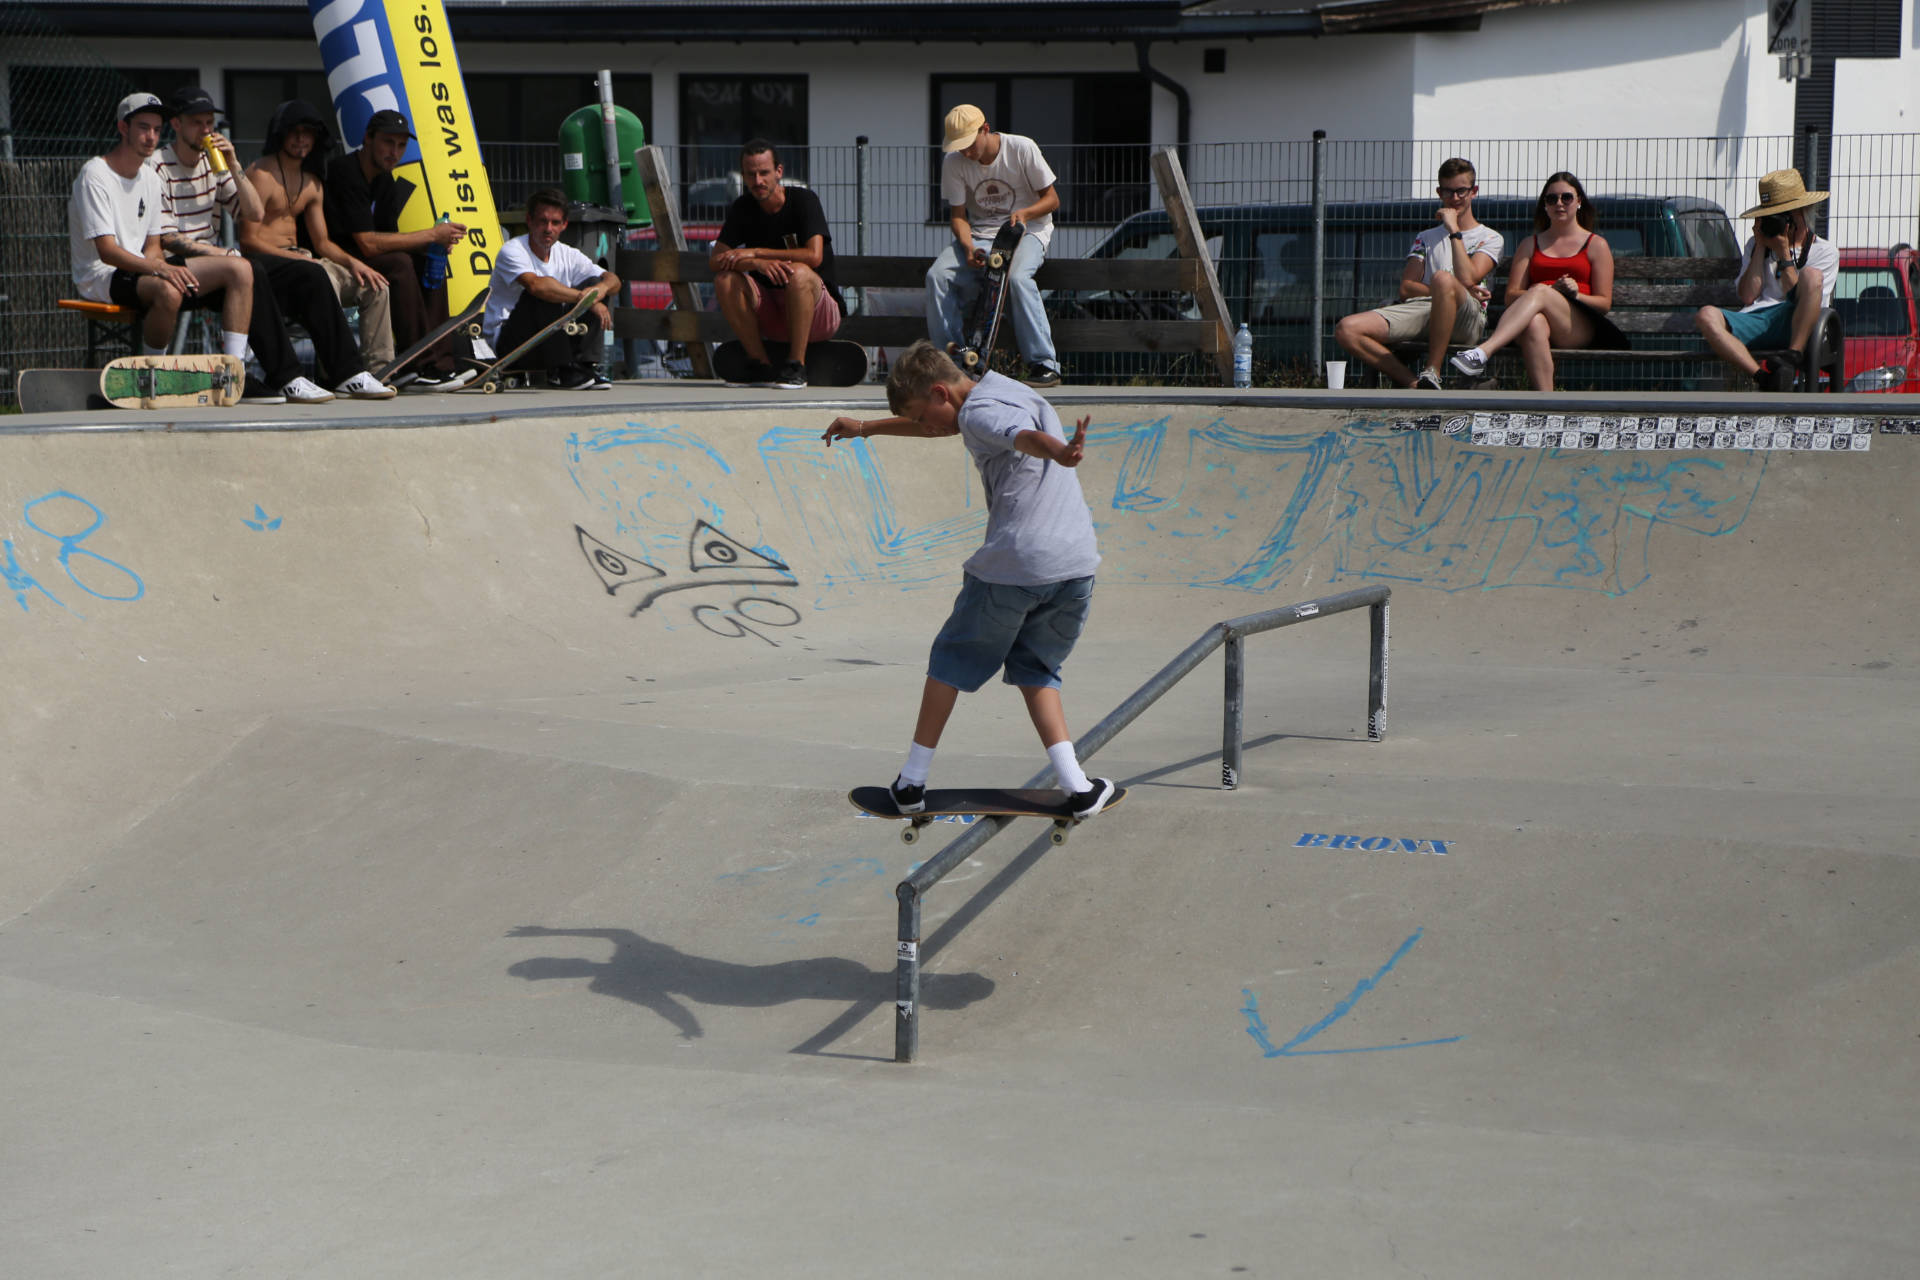 skateboardheadz st johann in tirol kgt 2019 finale 00108